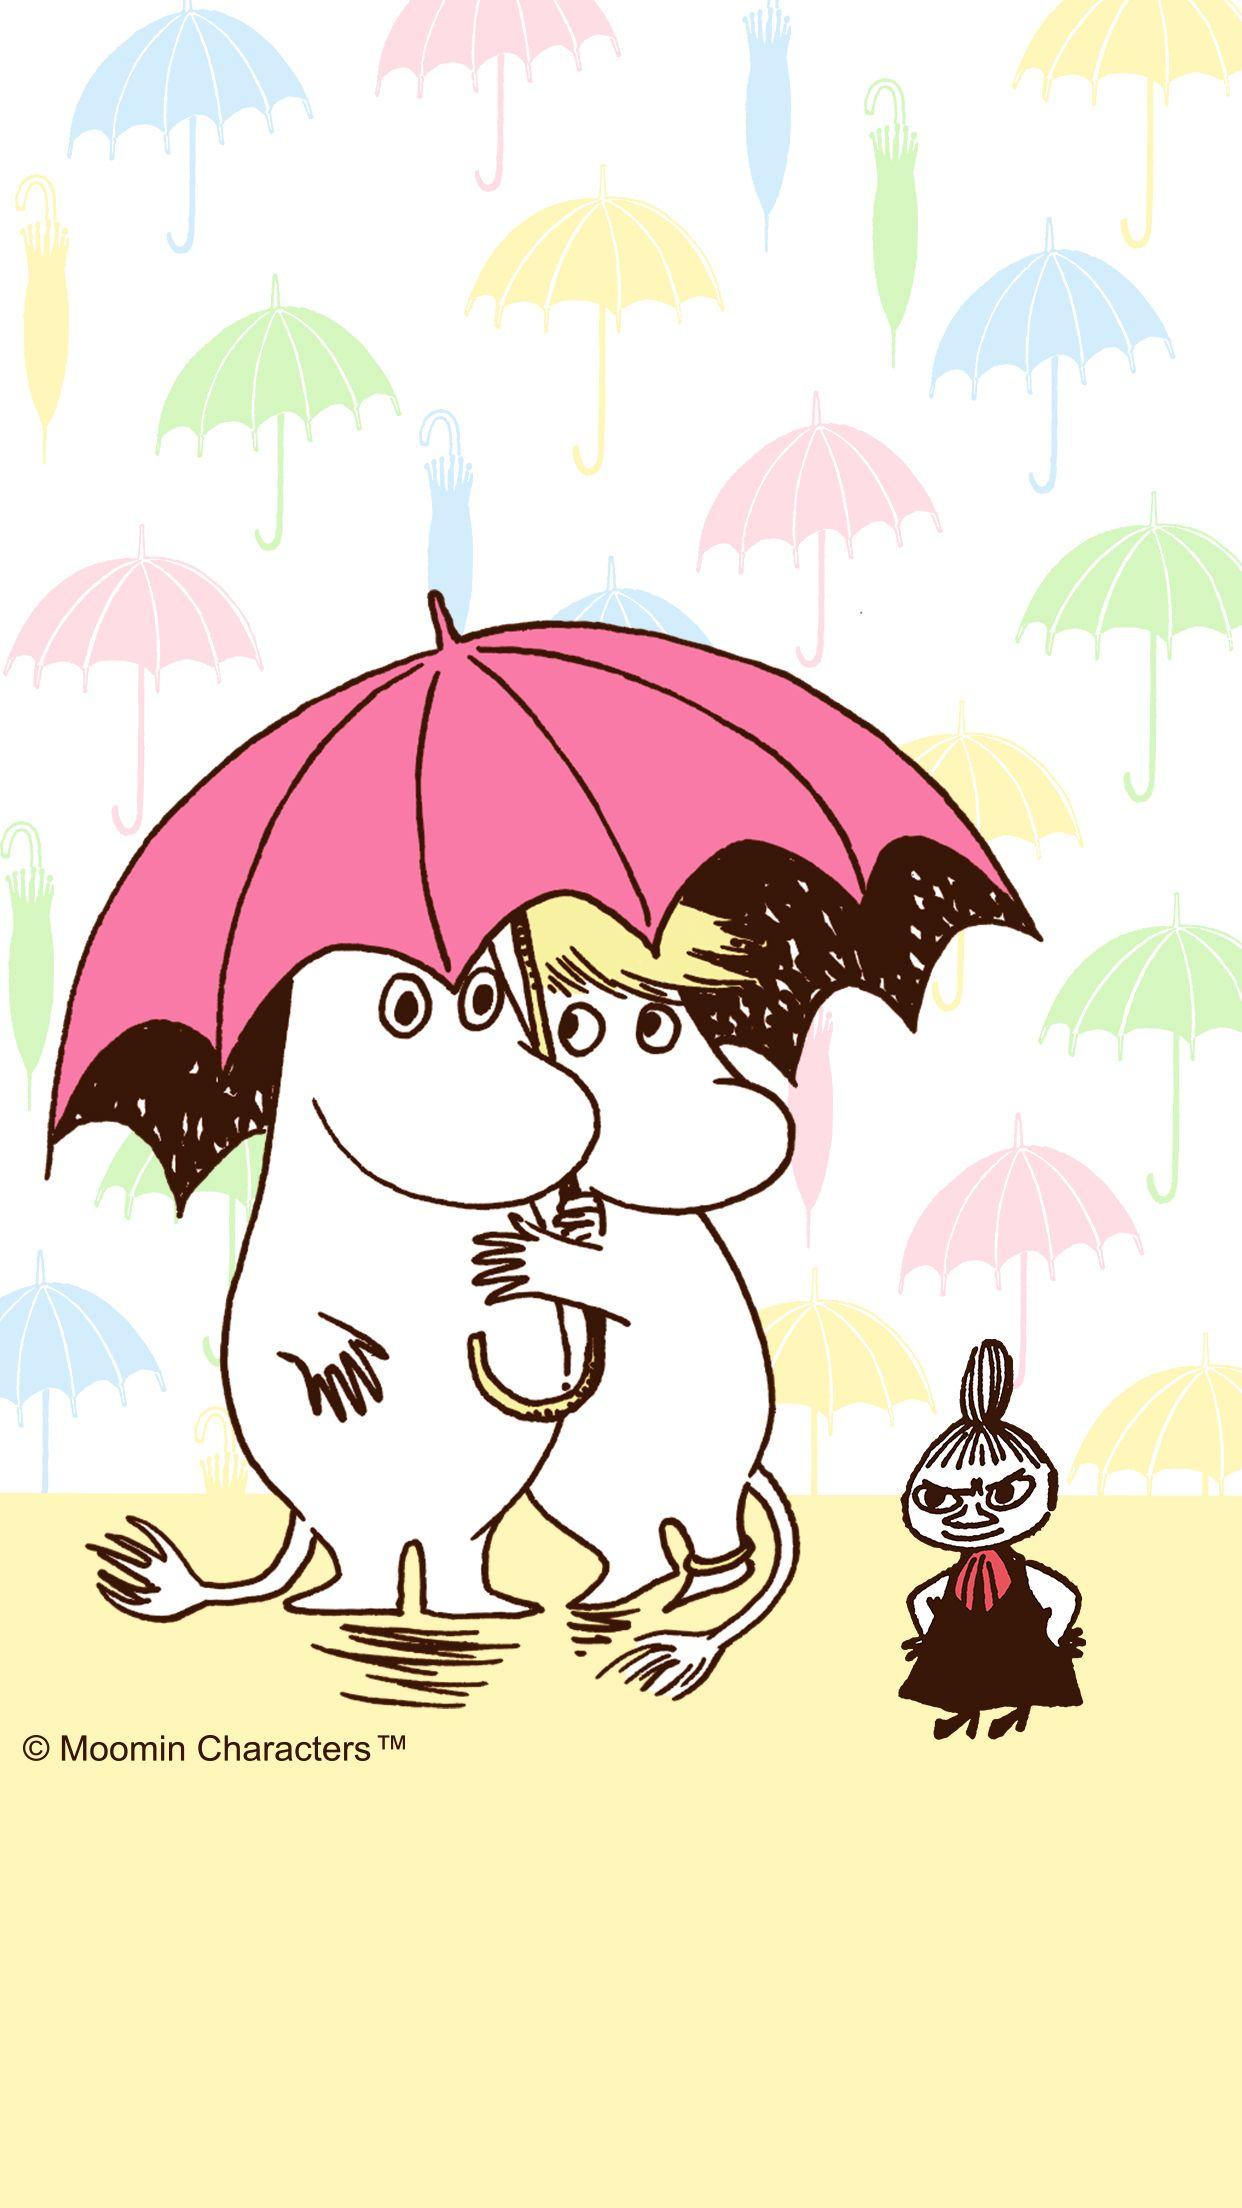 Moomin おしゃれまとめの人気アイデア Pinterest Arney Bjornsdottir ムーミン 壁紙 ムーミン イラスト トーベ ヤンソン